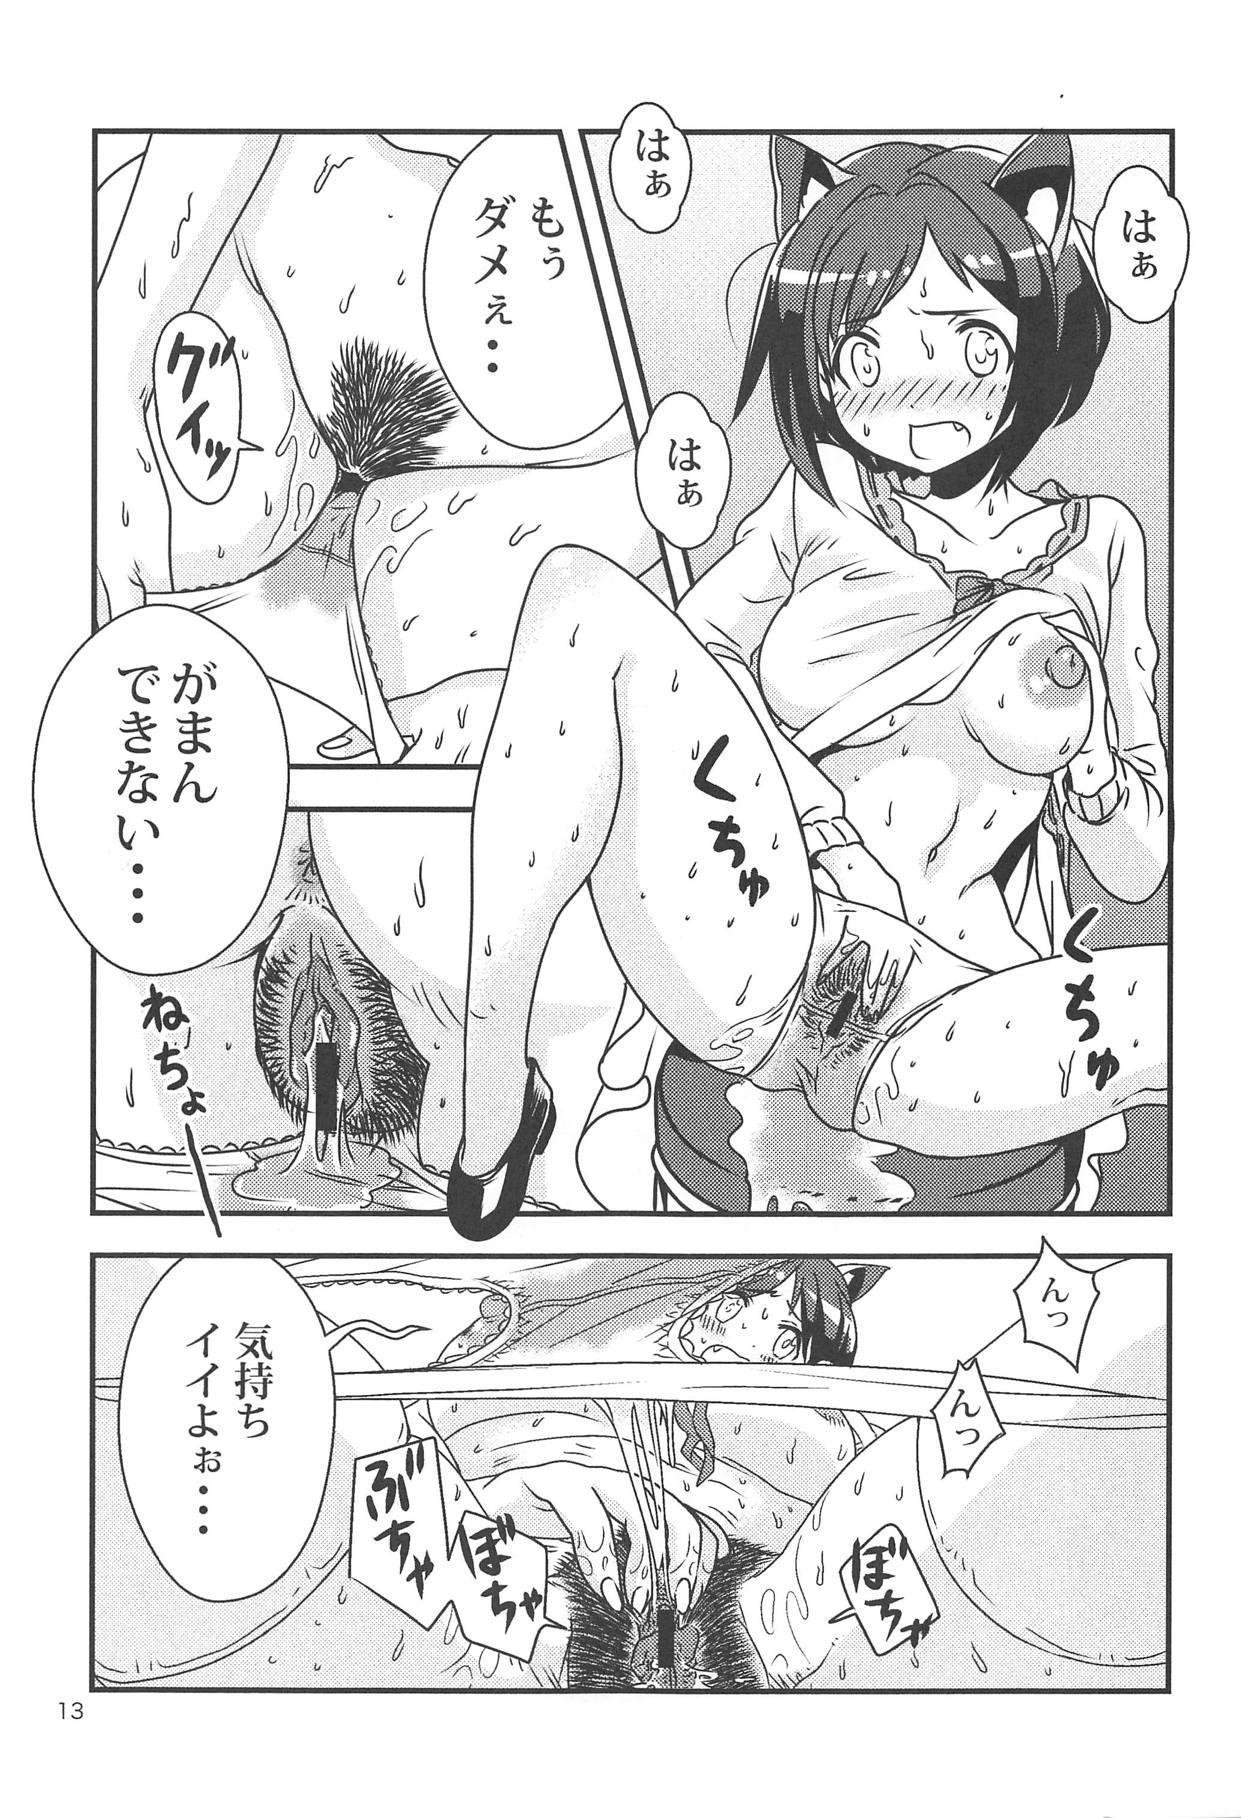 MIKU NO SHITAGI ERABI 13